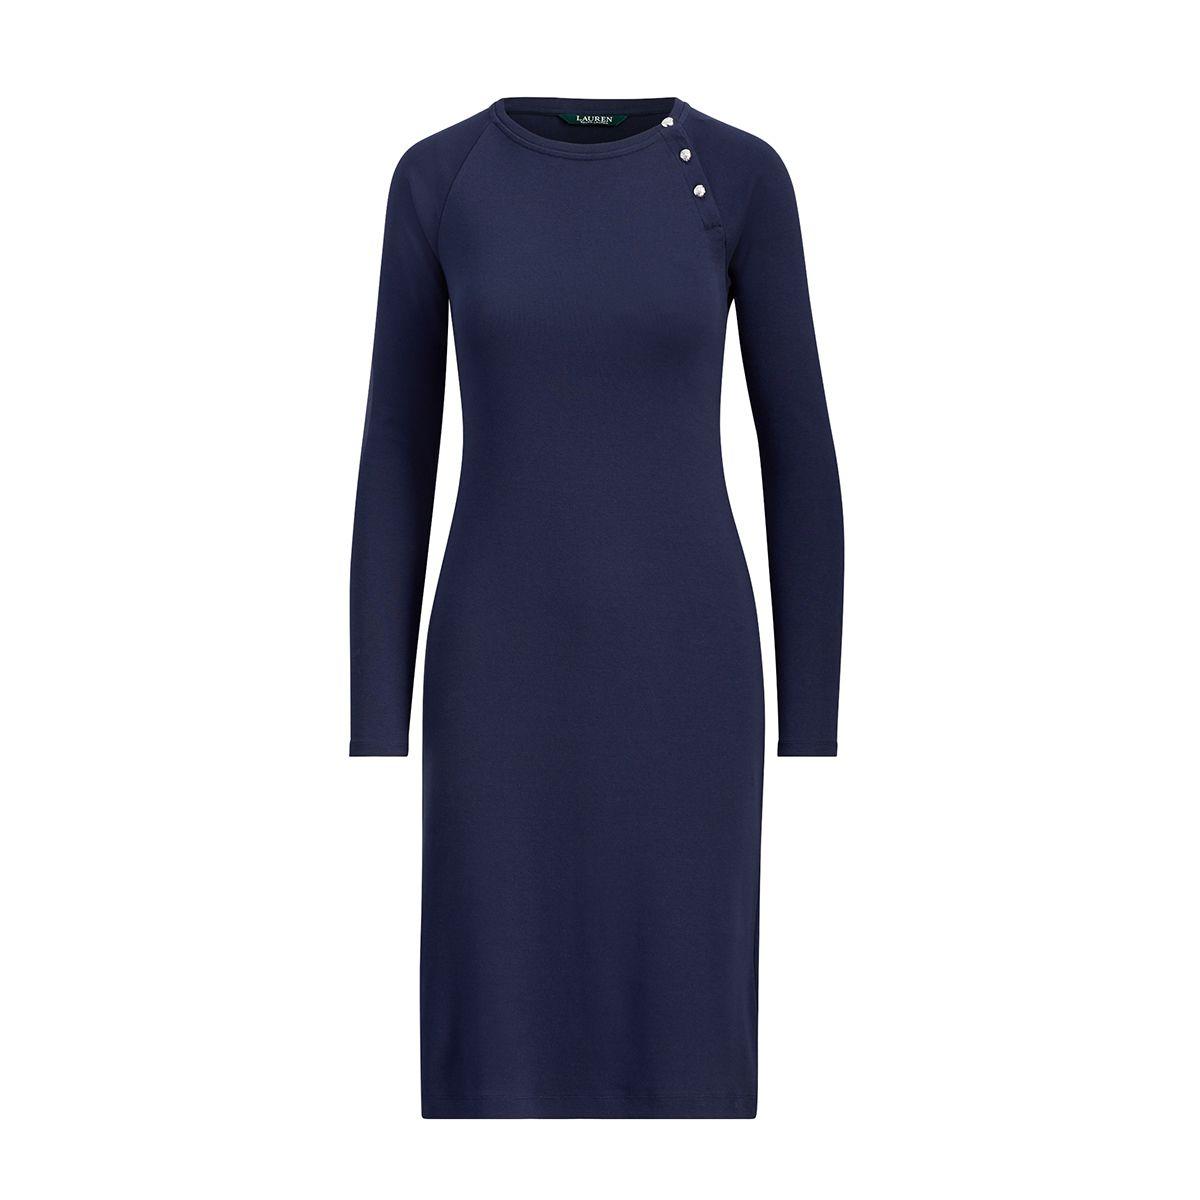 72ef925fa3fc6 Ralph Lauren Dresses - Macy s